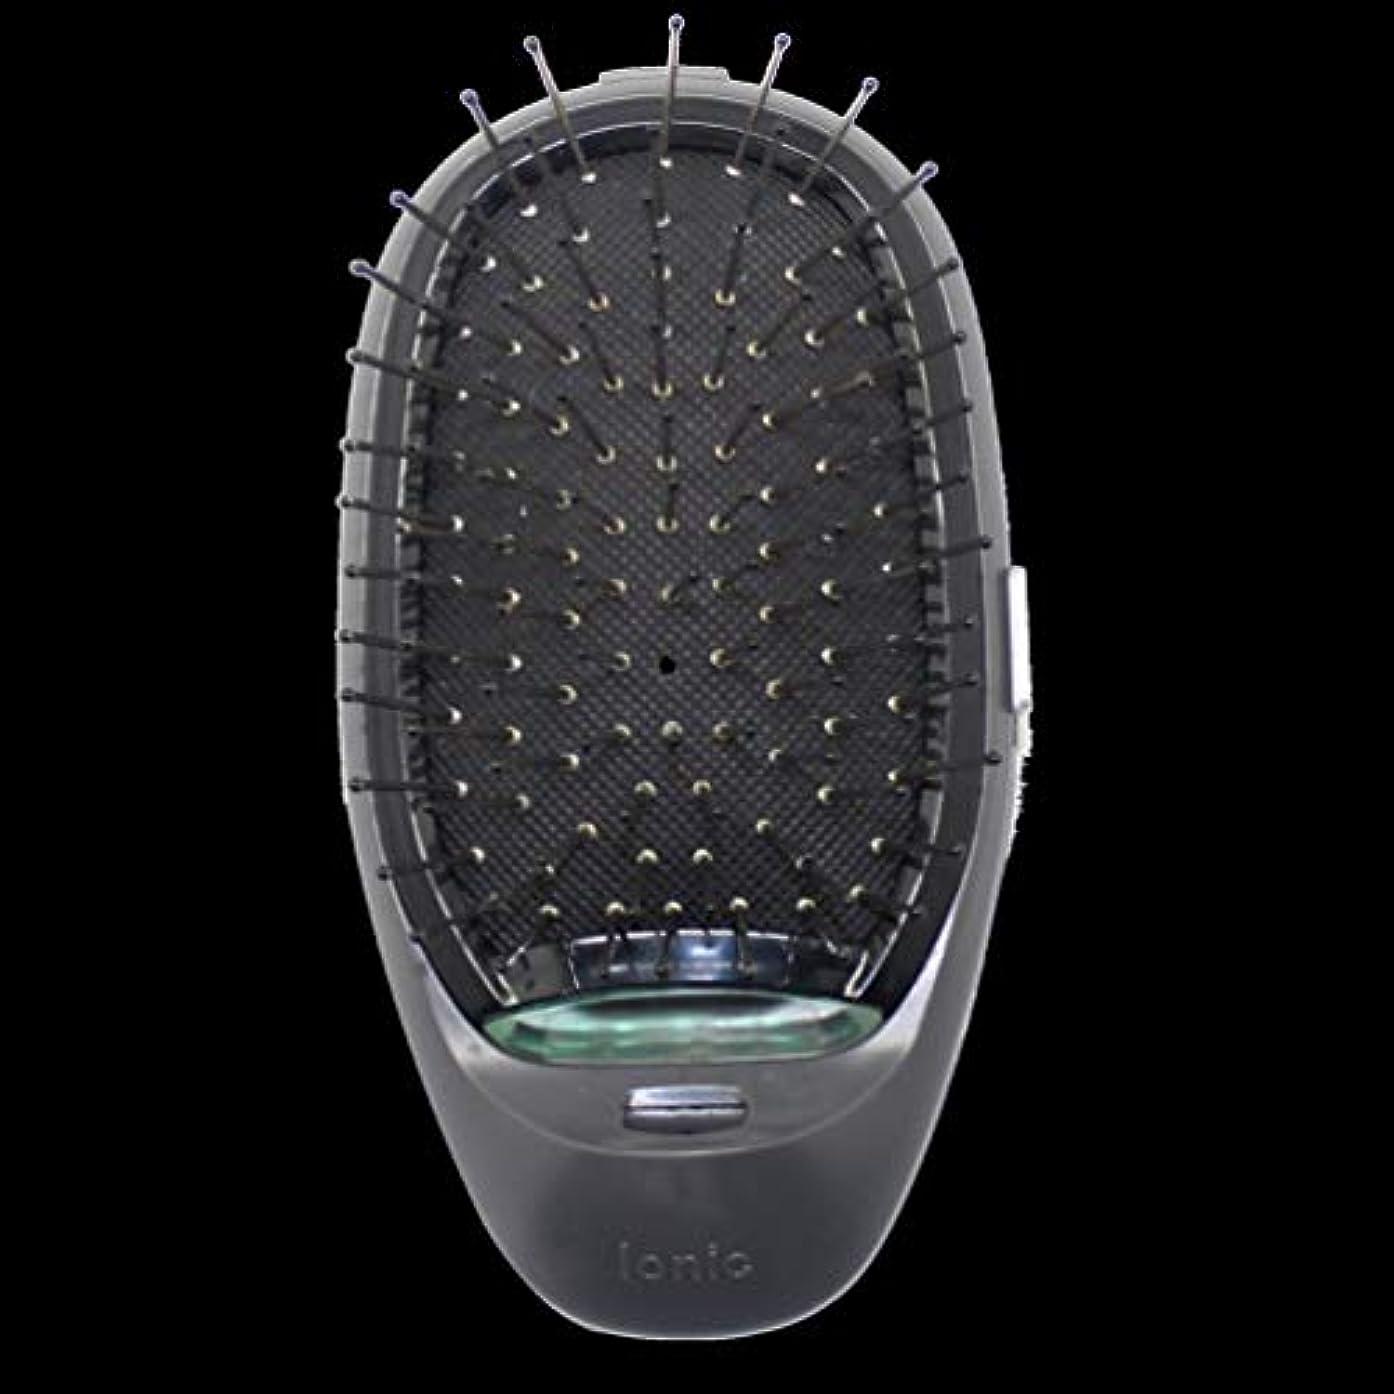 若者確かにイースター電動マッサージヘアブラシミニマイナスイオンヘアコム3Dインフレータブルコーム帯電防止ガールズヘアブラシ電池式 - ブラック